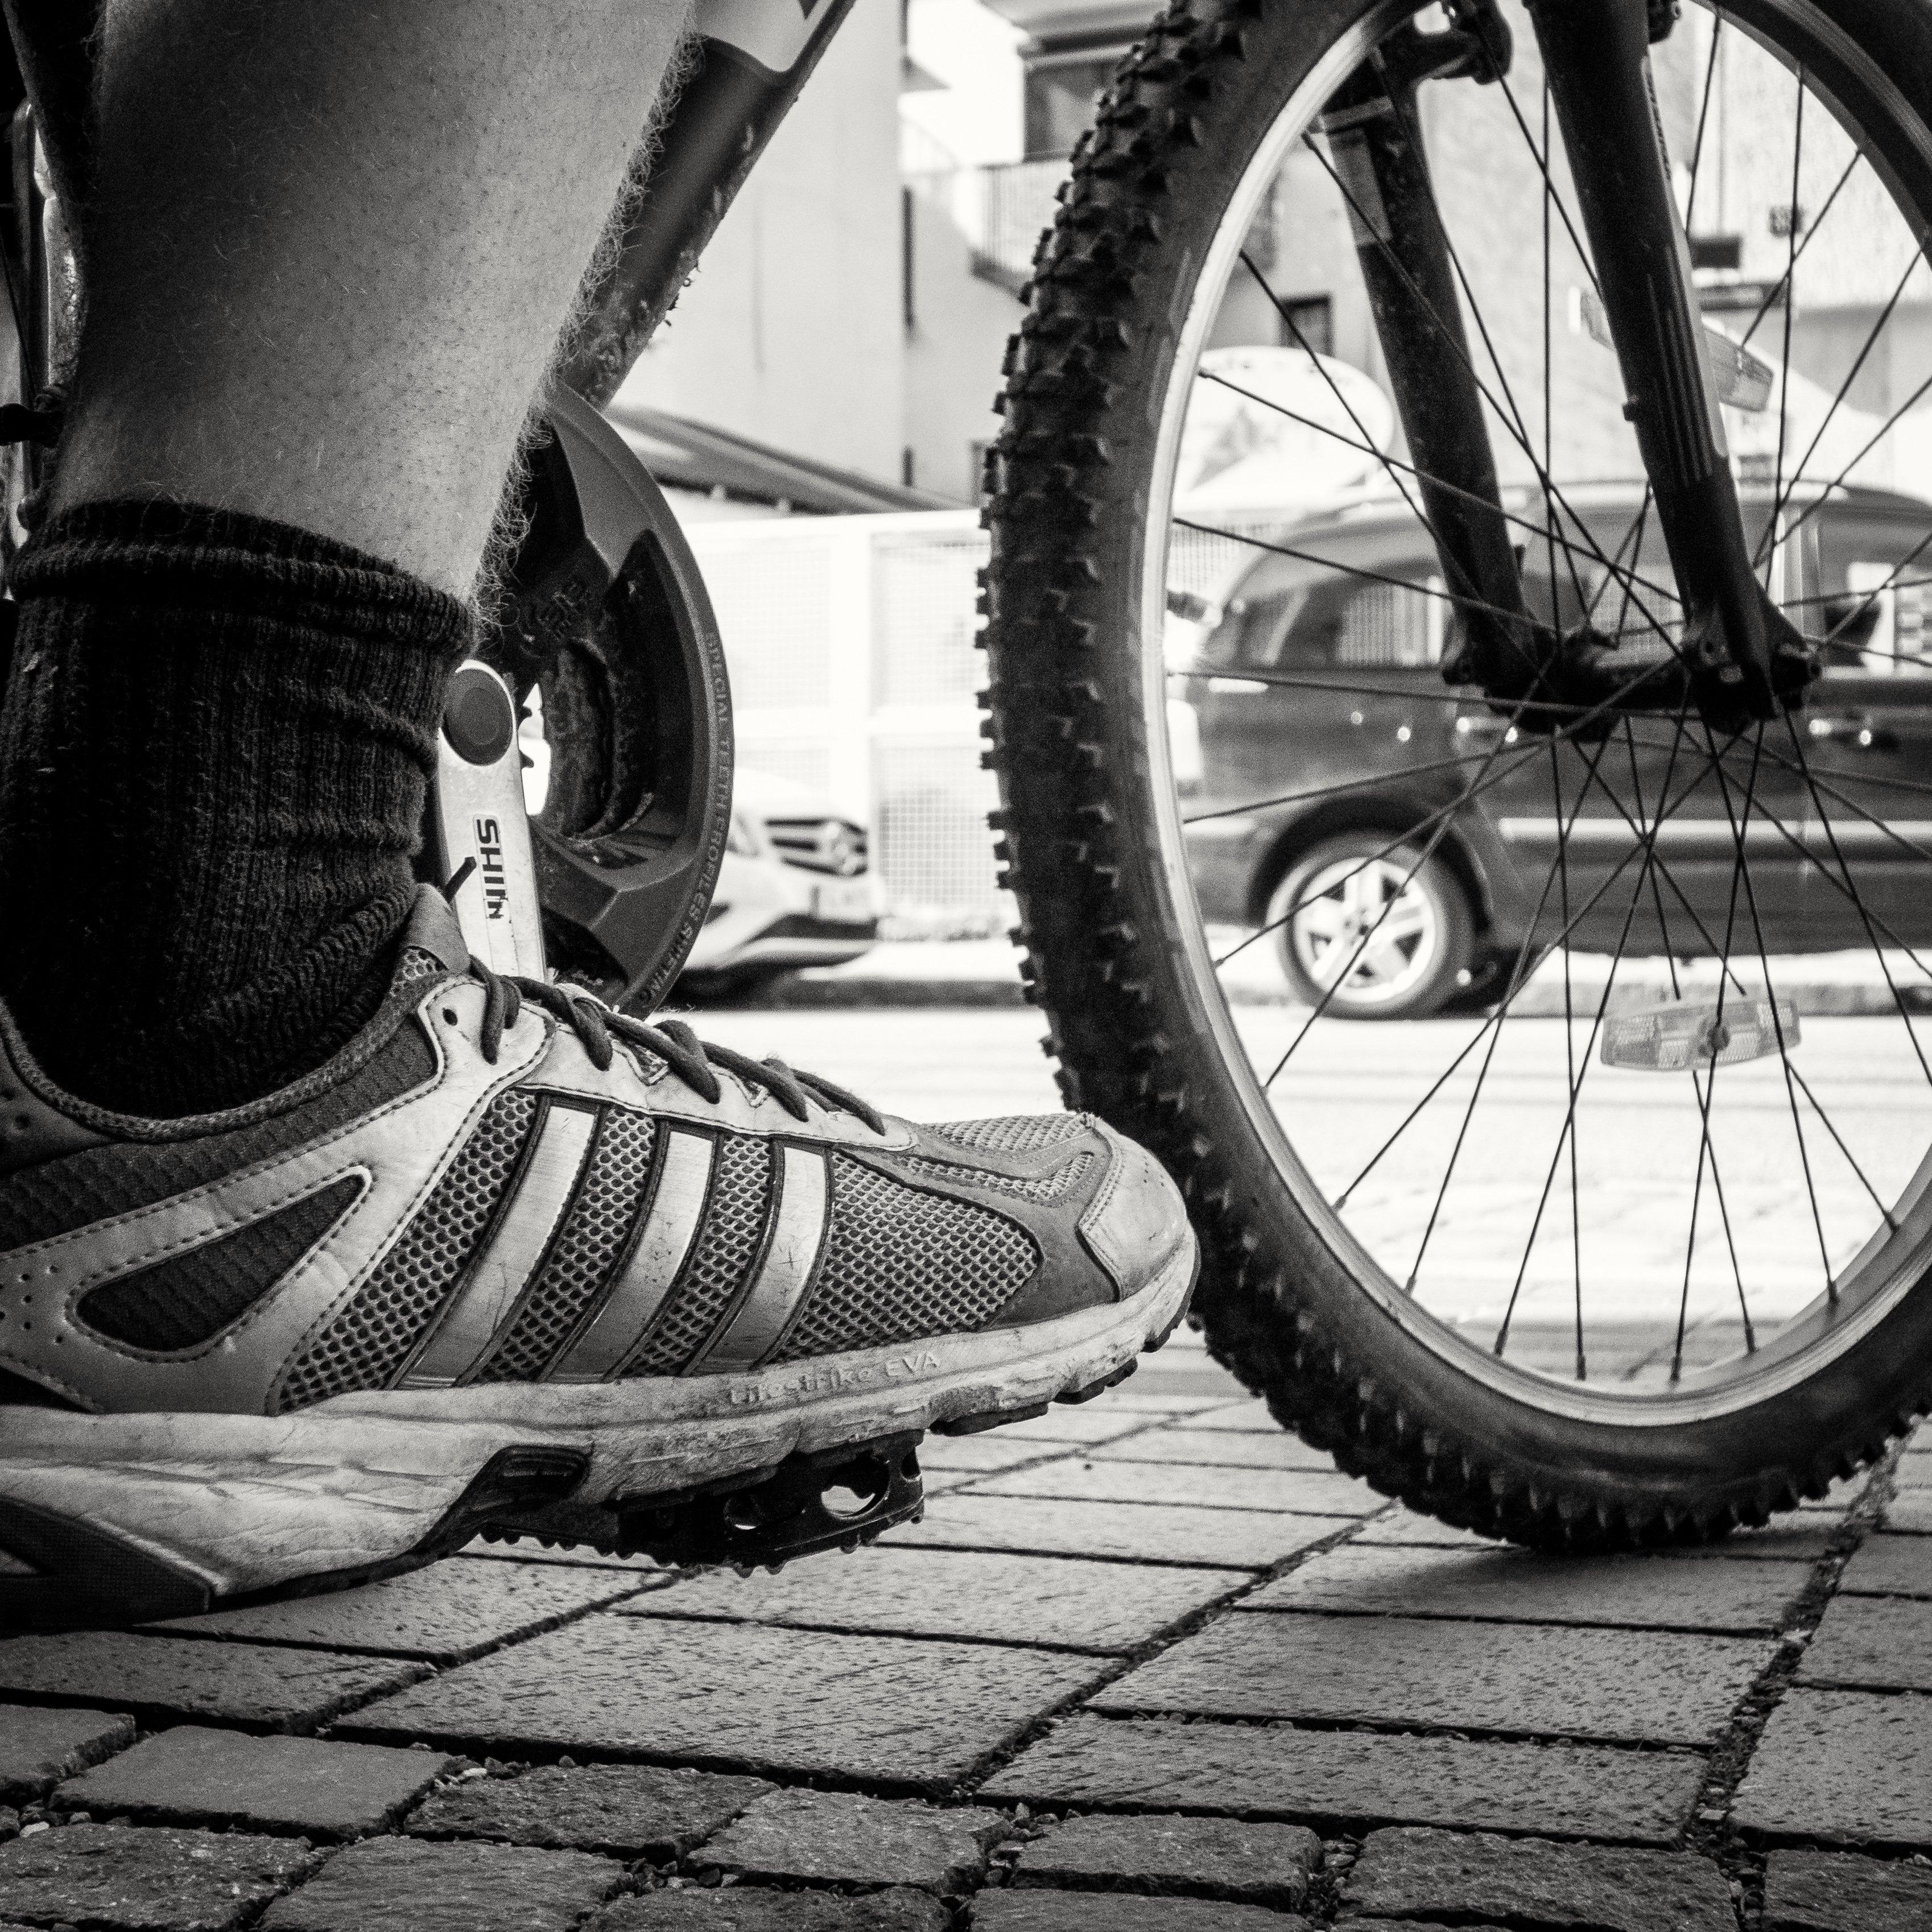 zapatillas bicicleta montaña hombre adidas